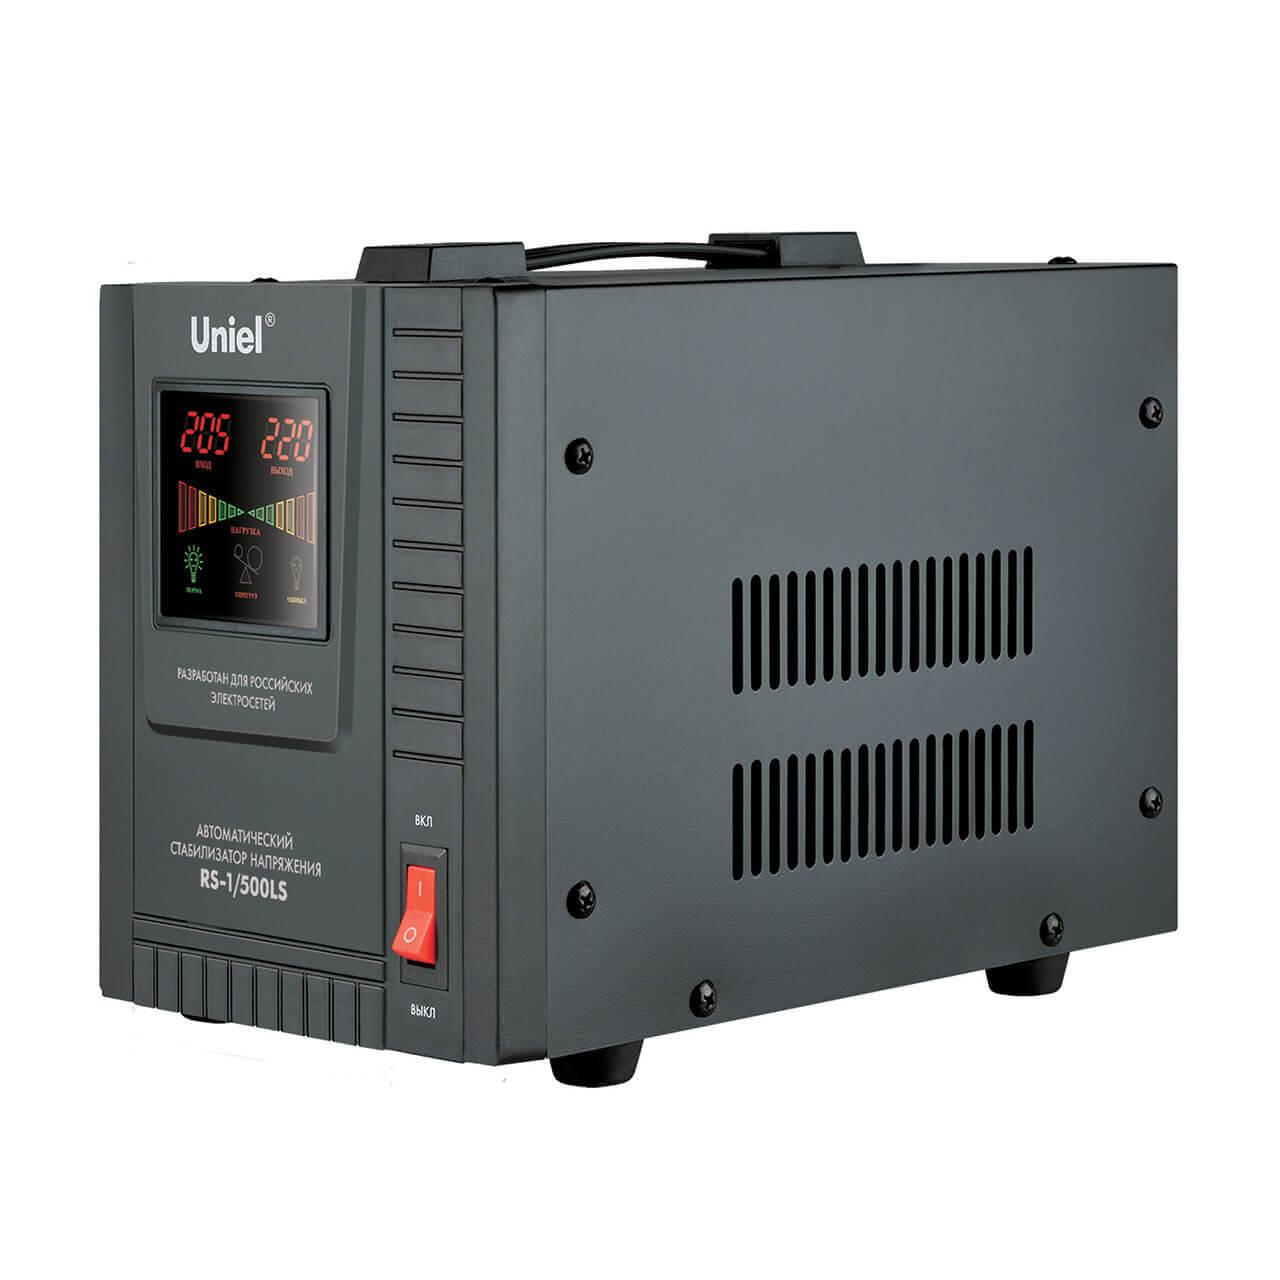 Стабилизатор Uniel RS-1/500LS RS-1 LS